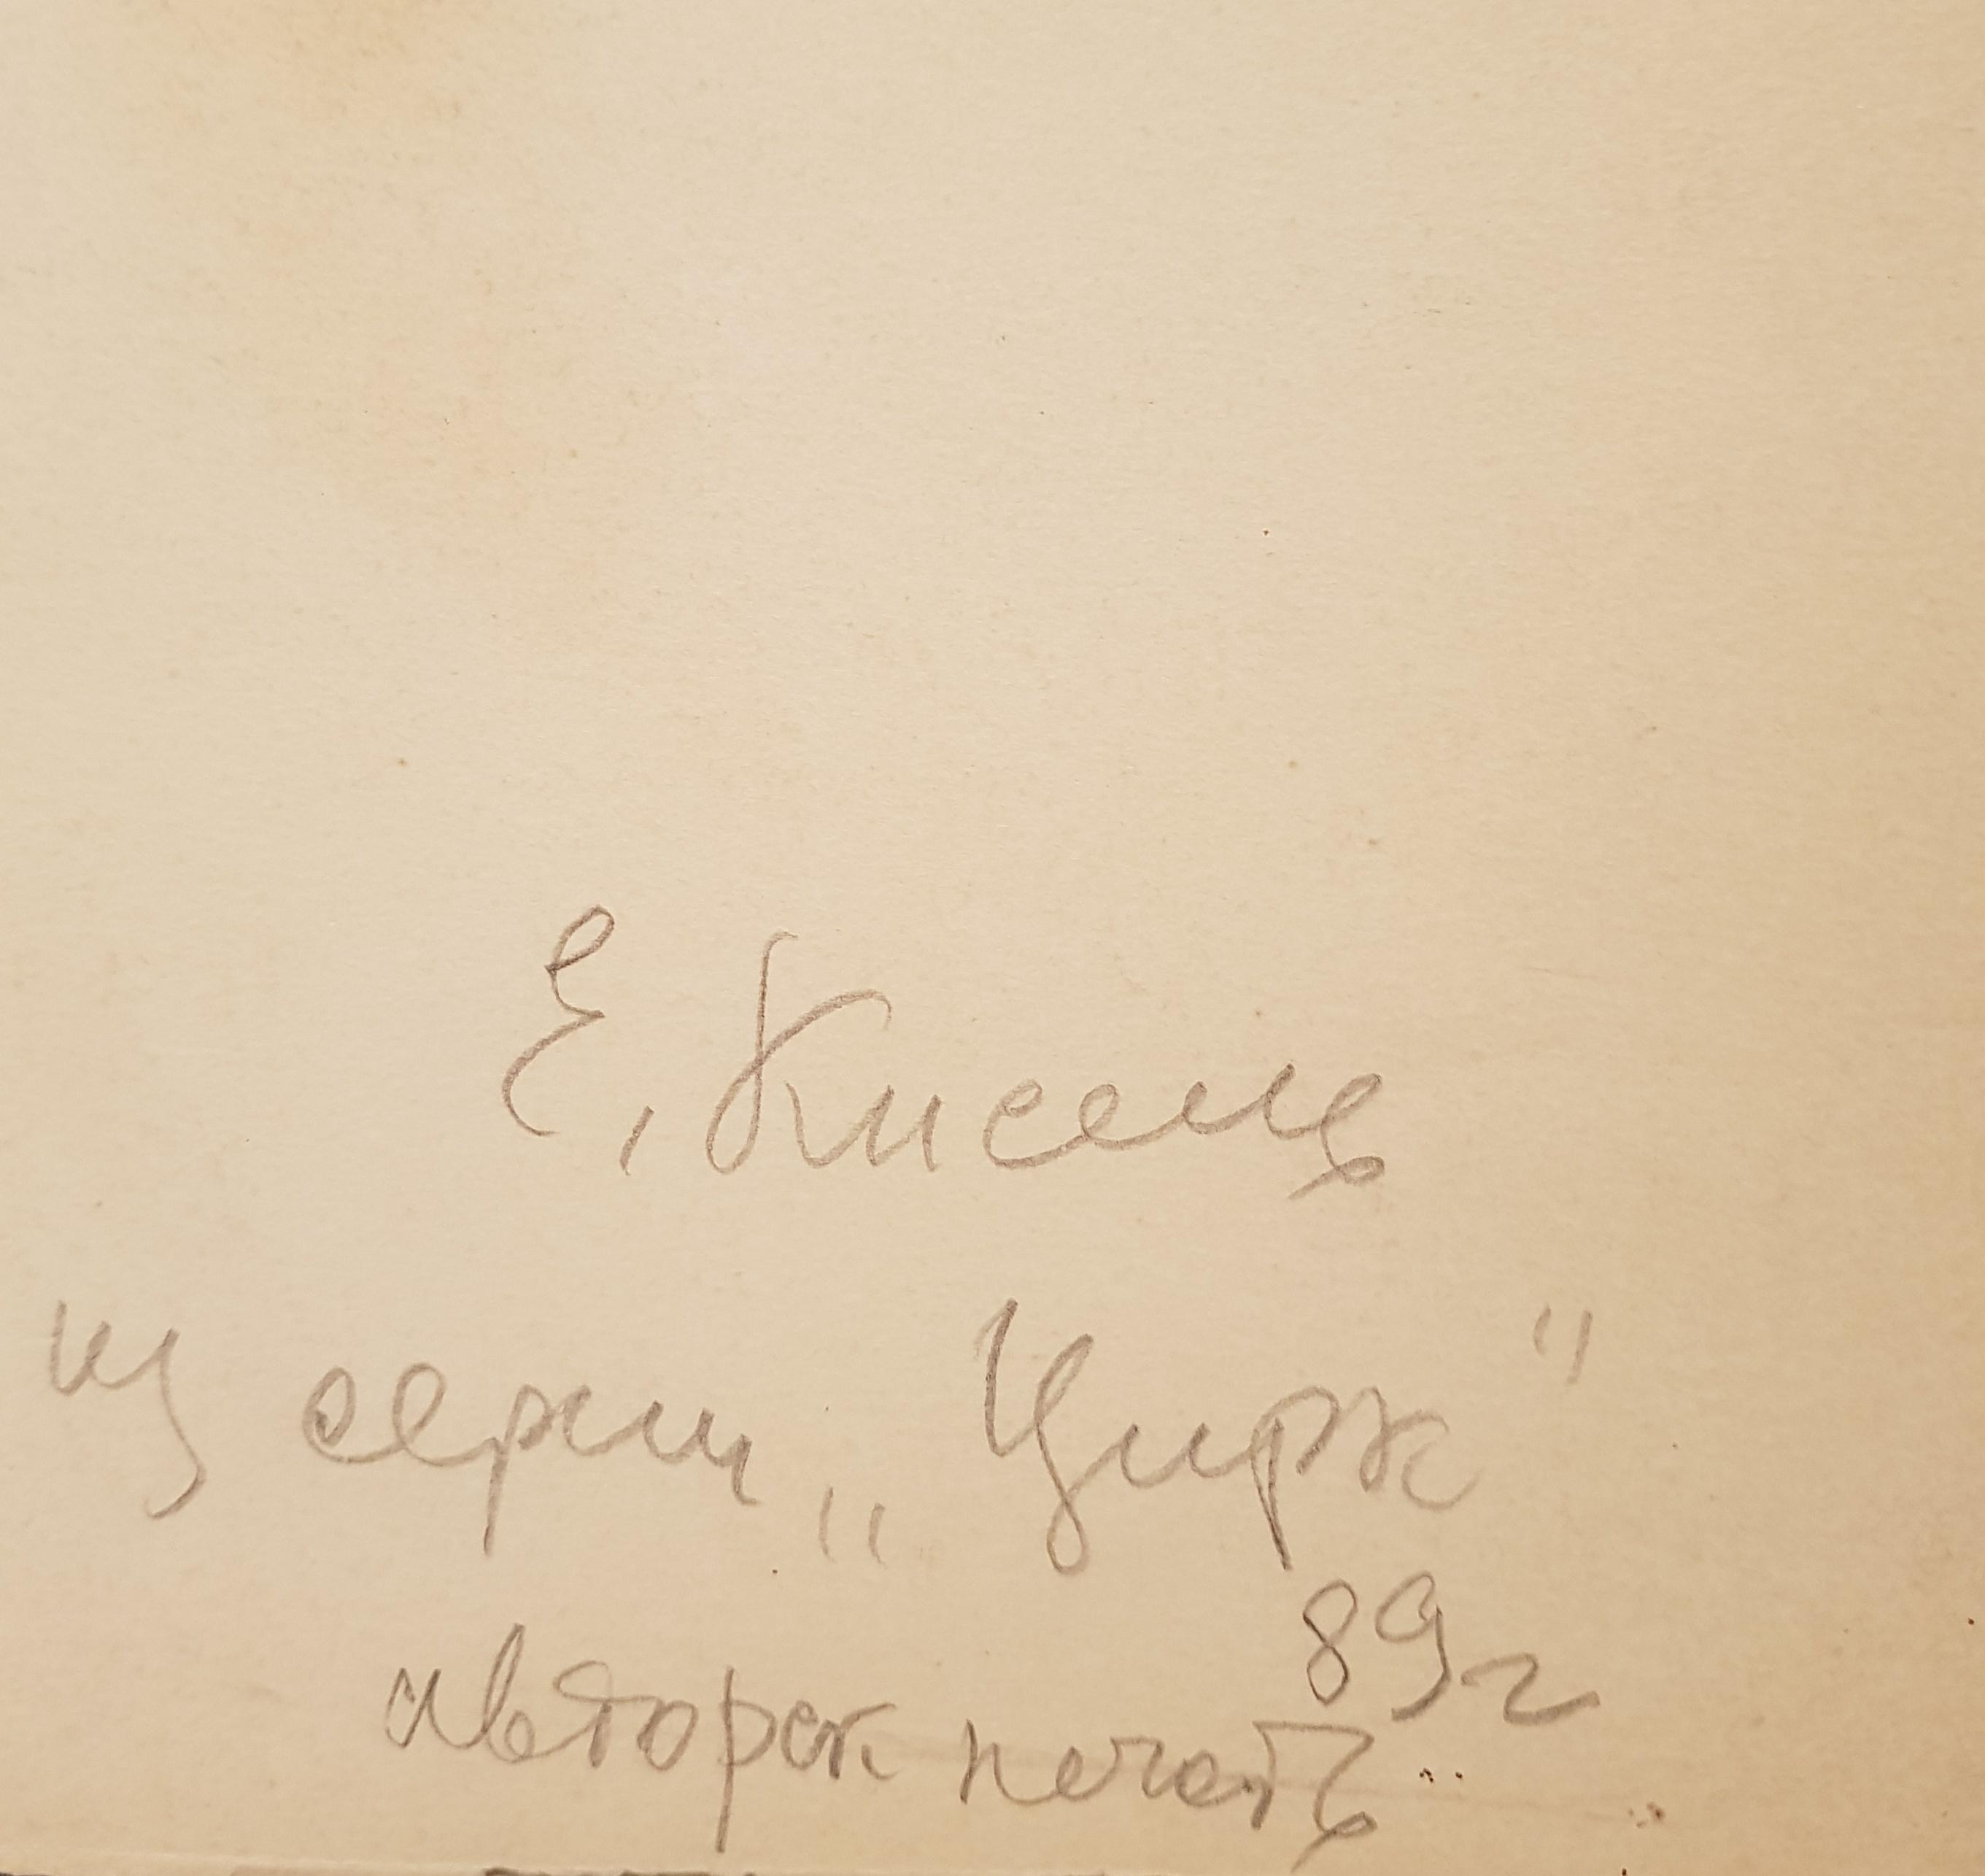 Подпись. Кисель Елена Филипповна. Цирк